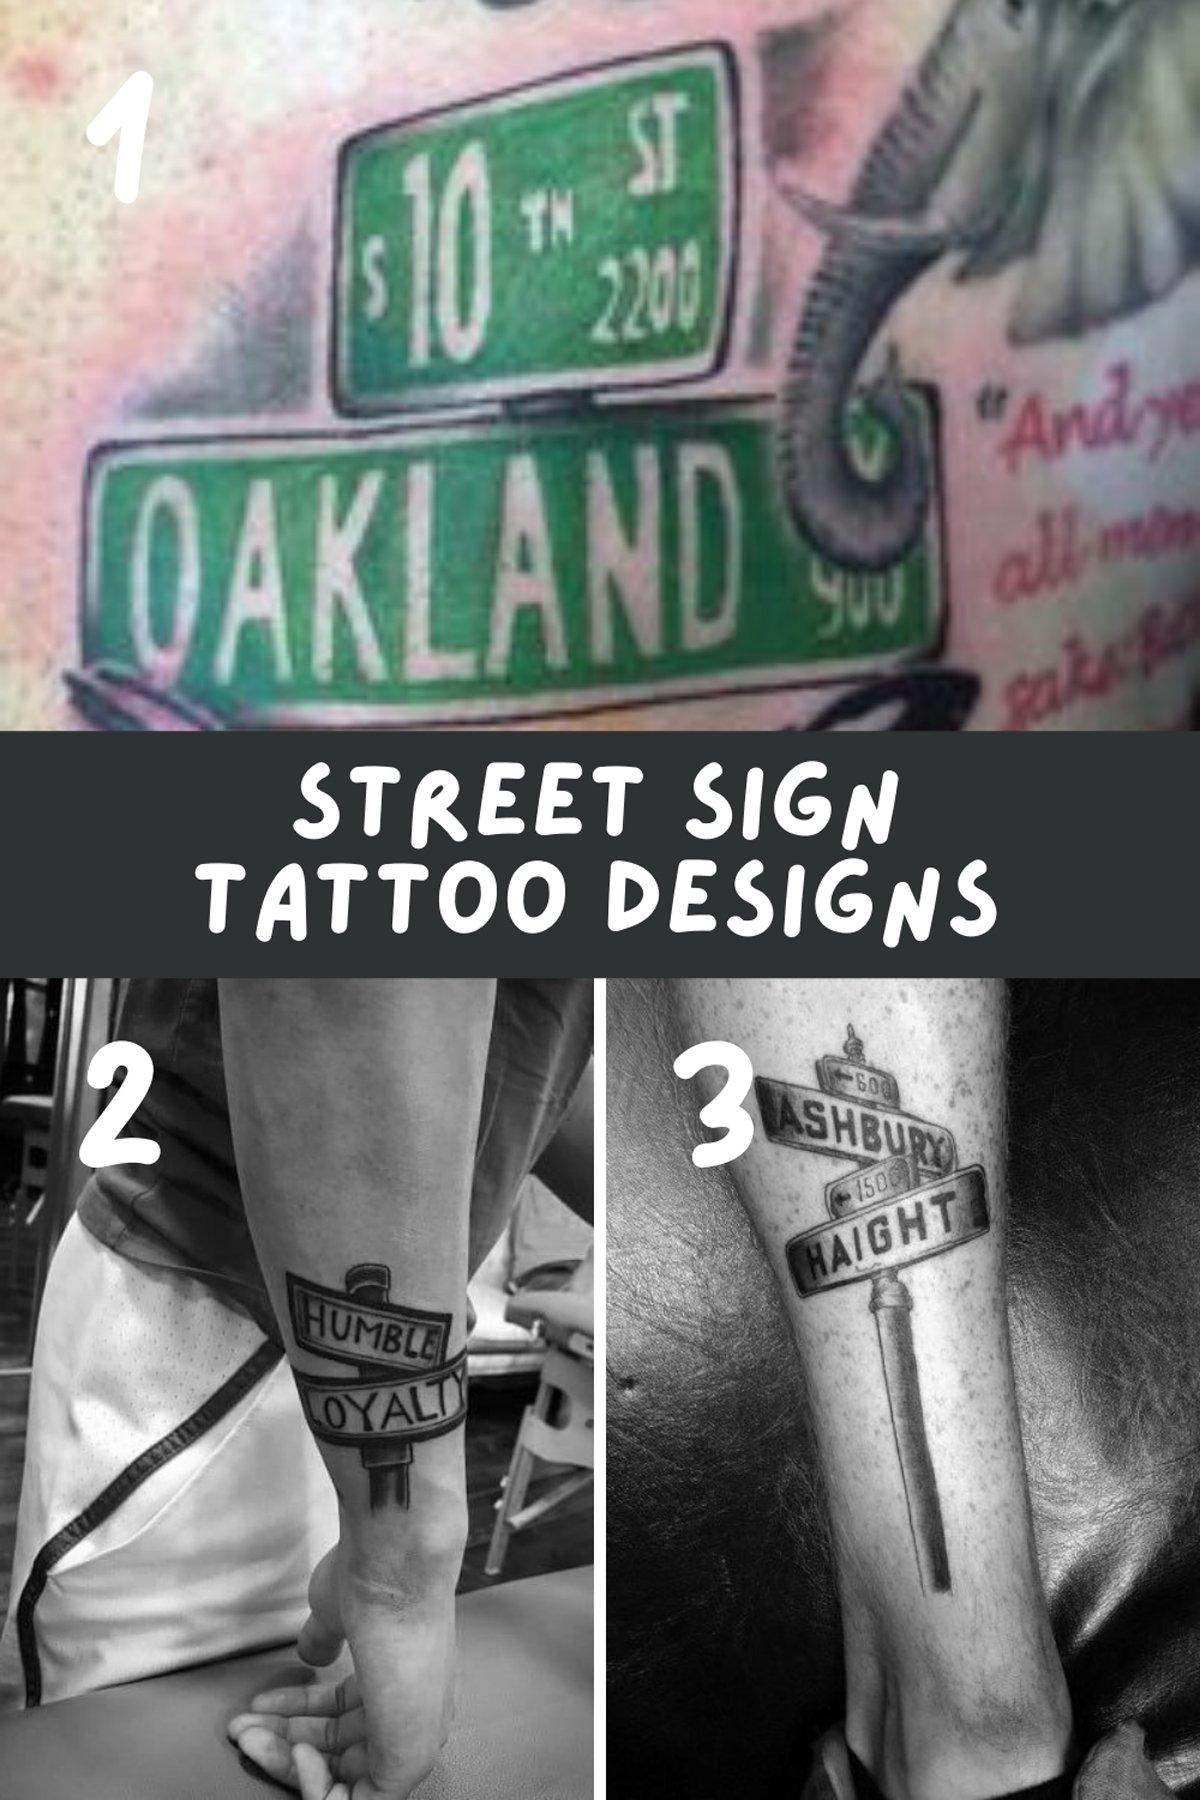 Street Sign Tattoo Designs